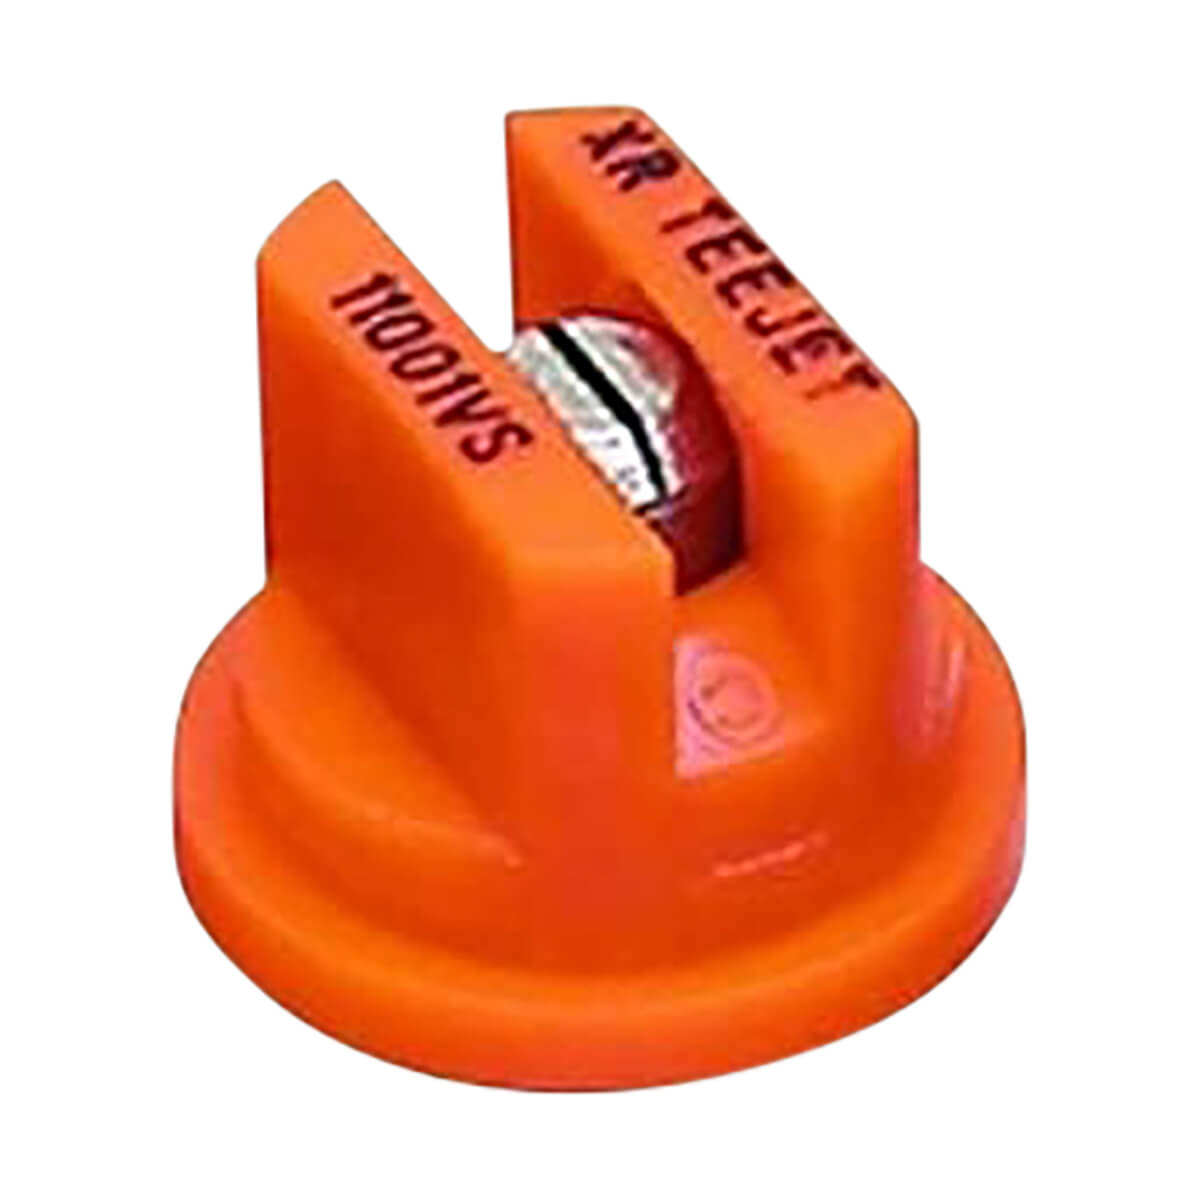 Teejet XR 110 Degree Extended Range Spray Tip - 40 pack, Orange